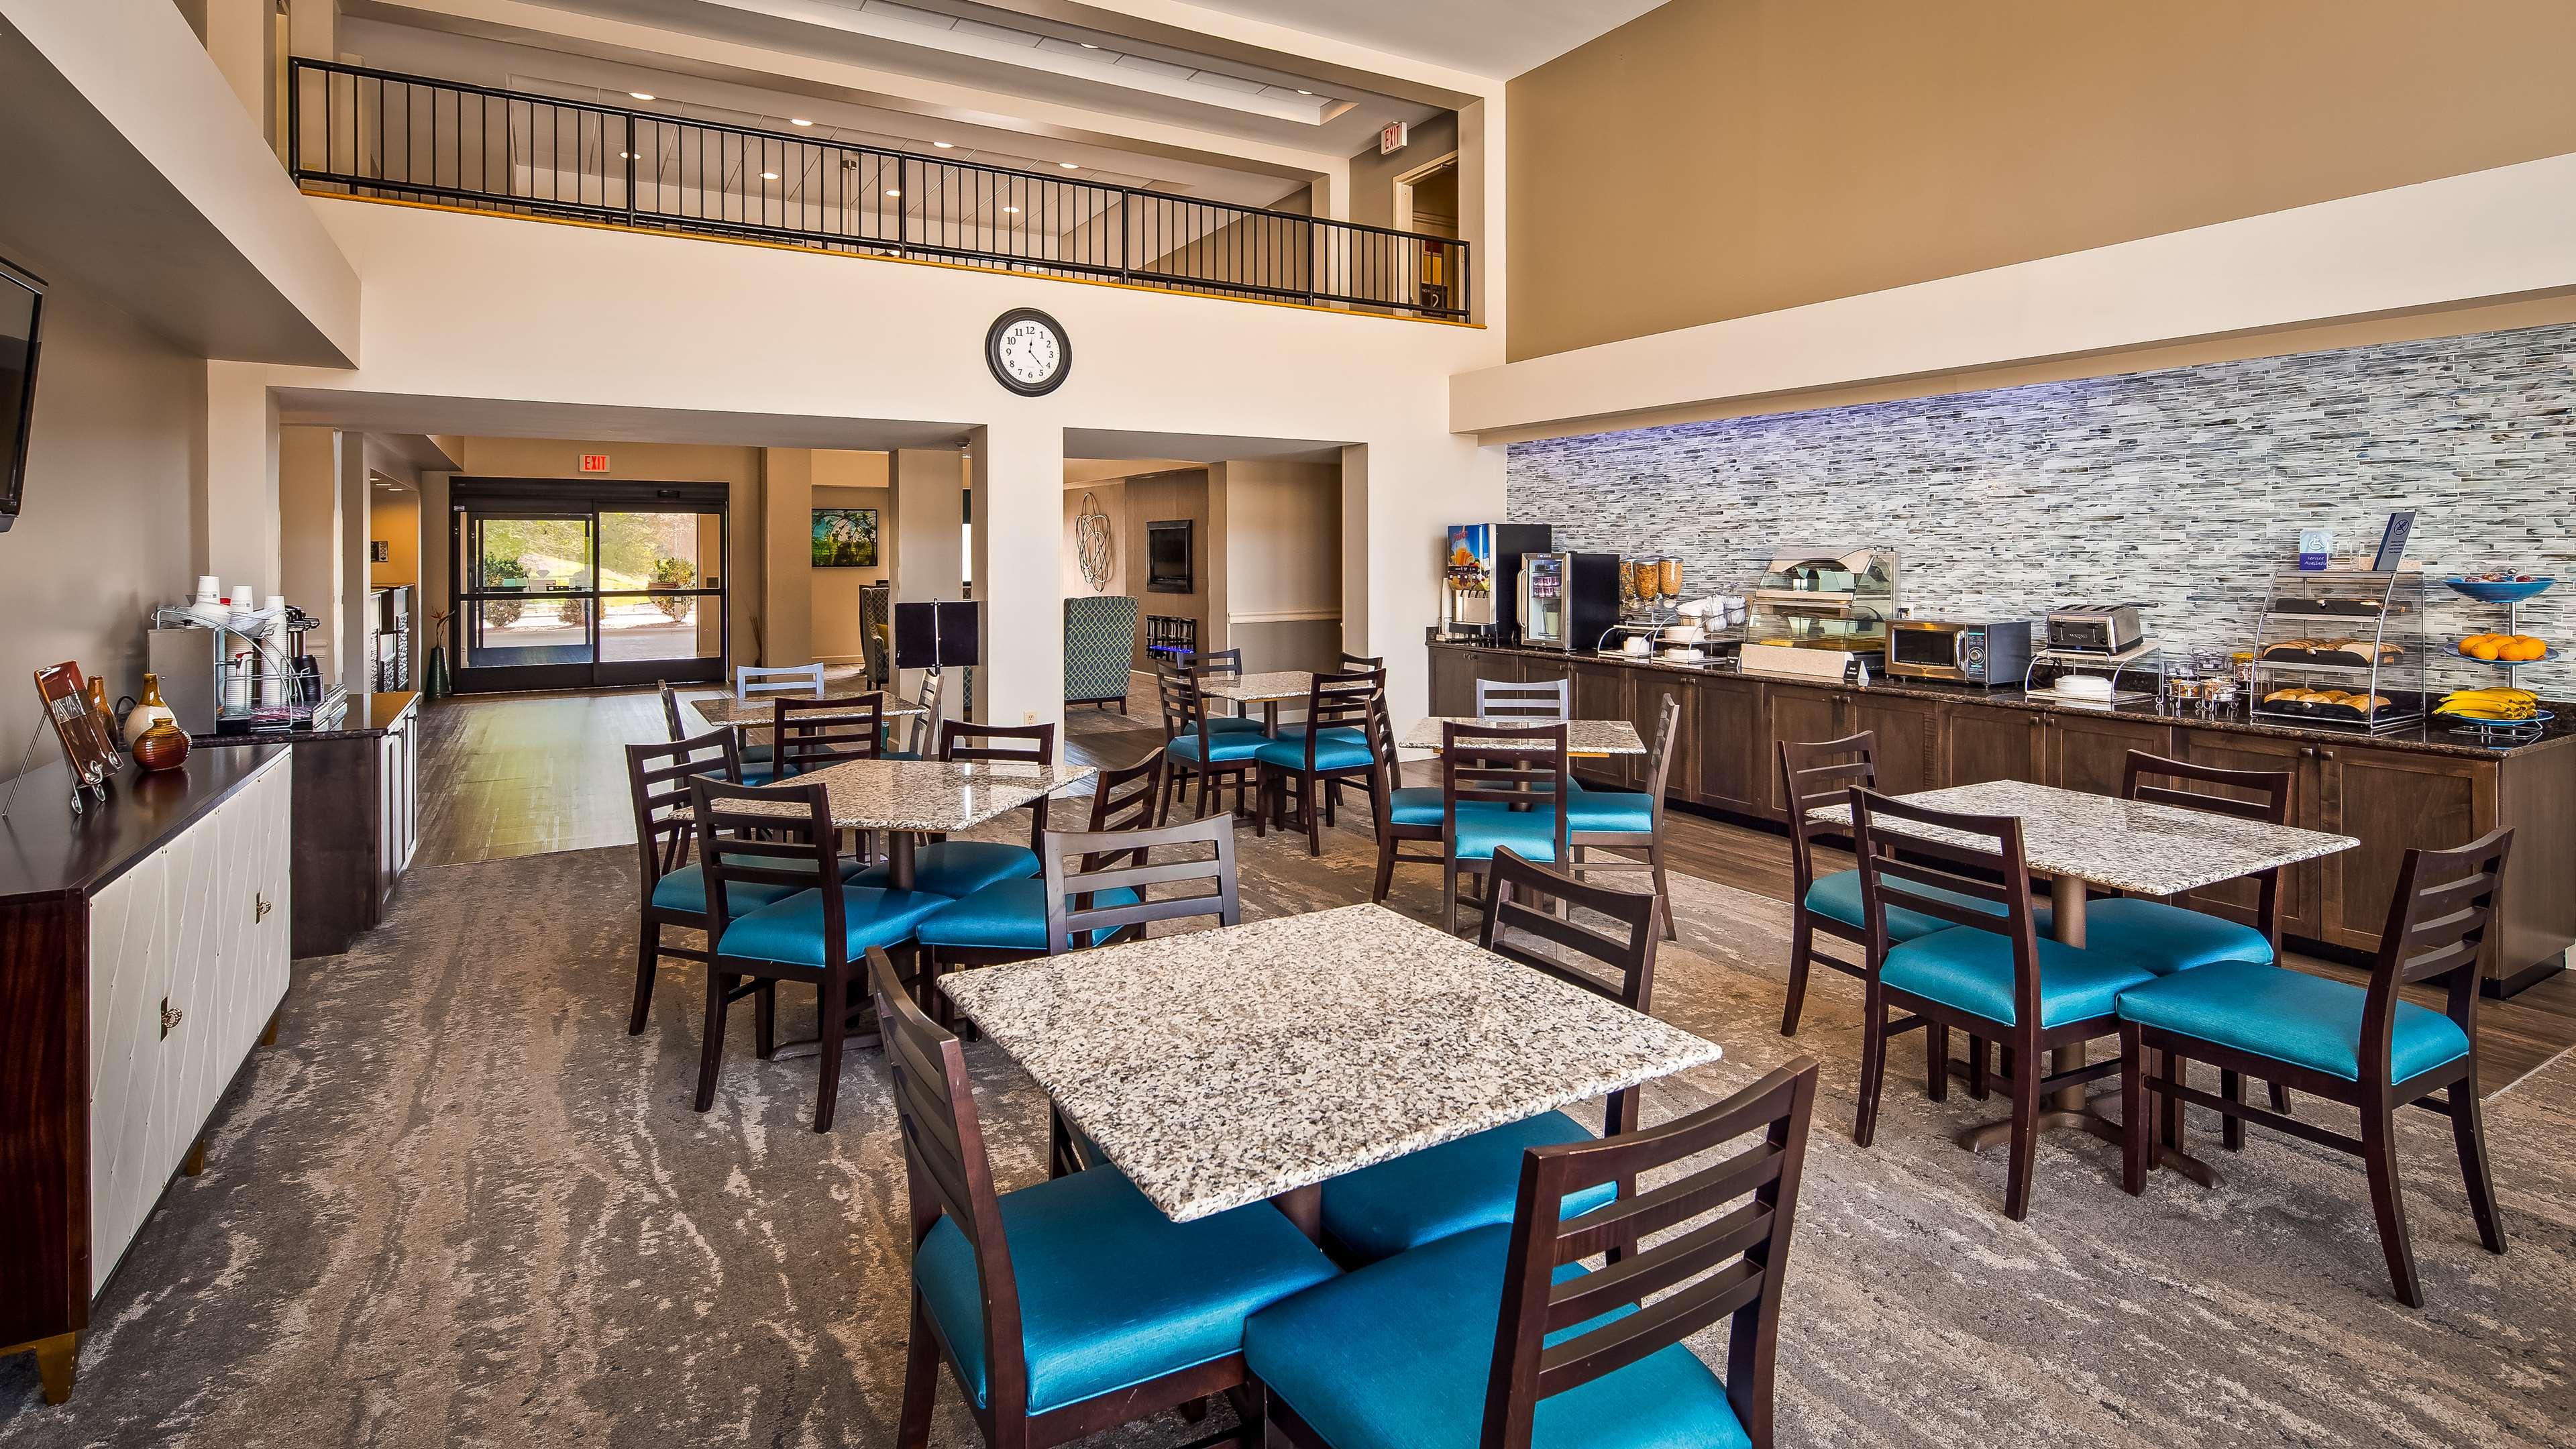 Best Western Plus Yadkin Valley Inn & Suites image 4